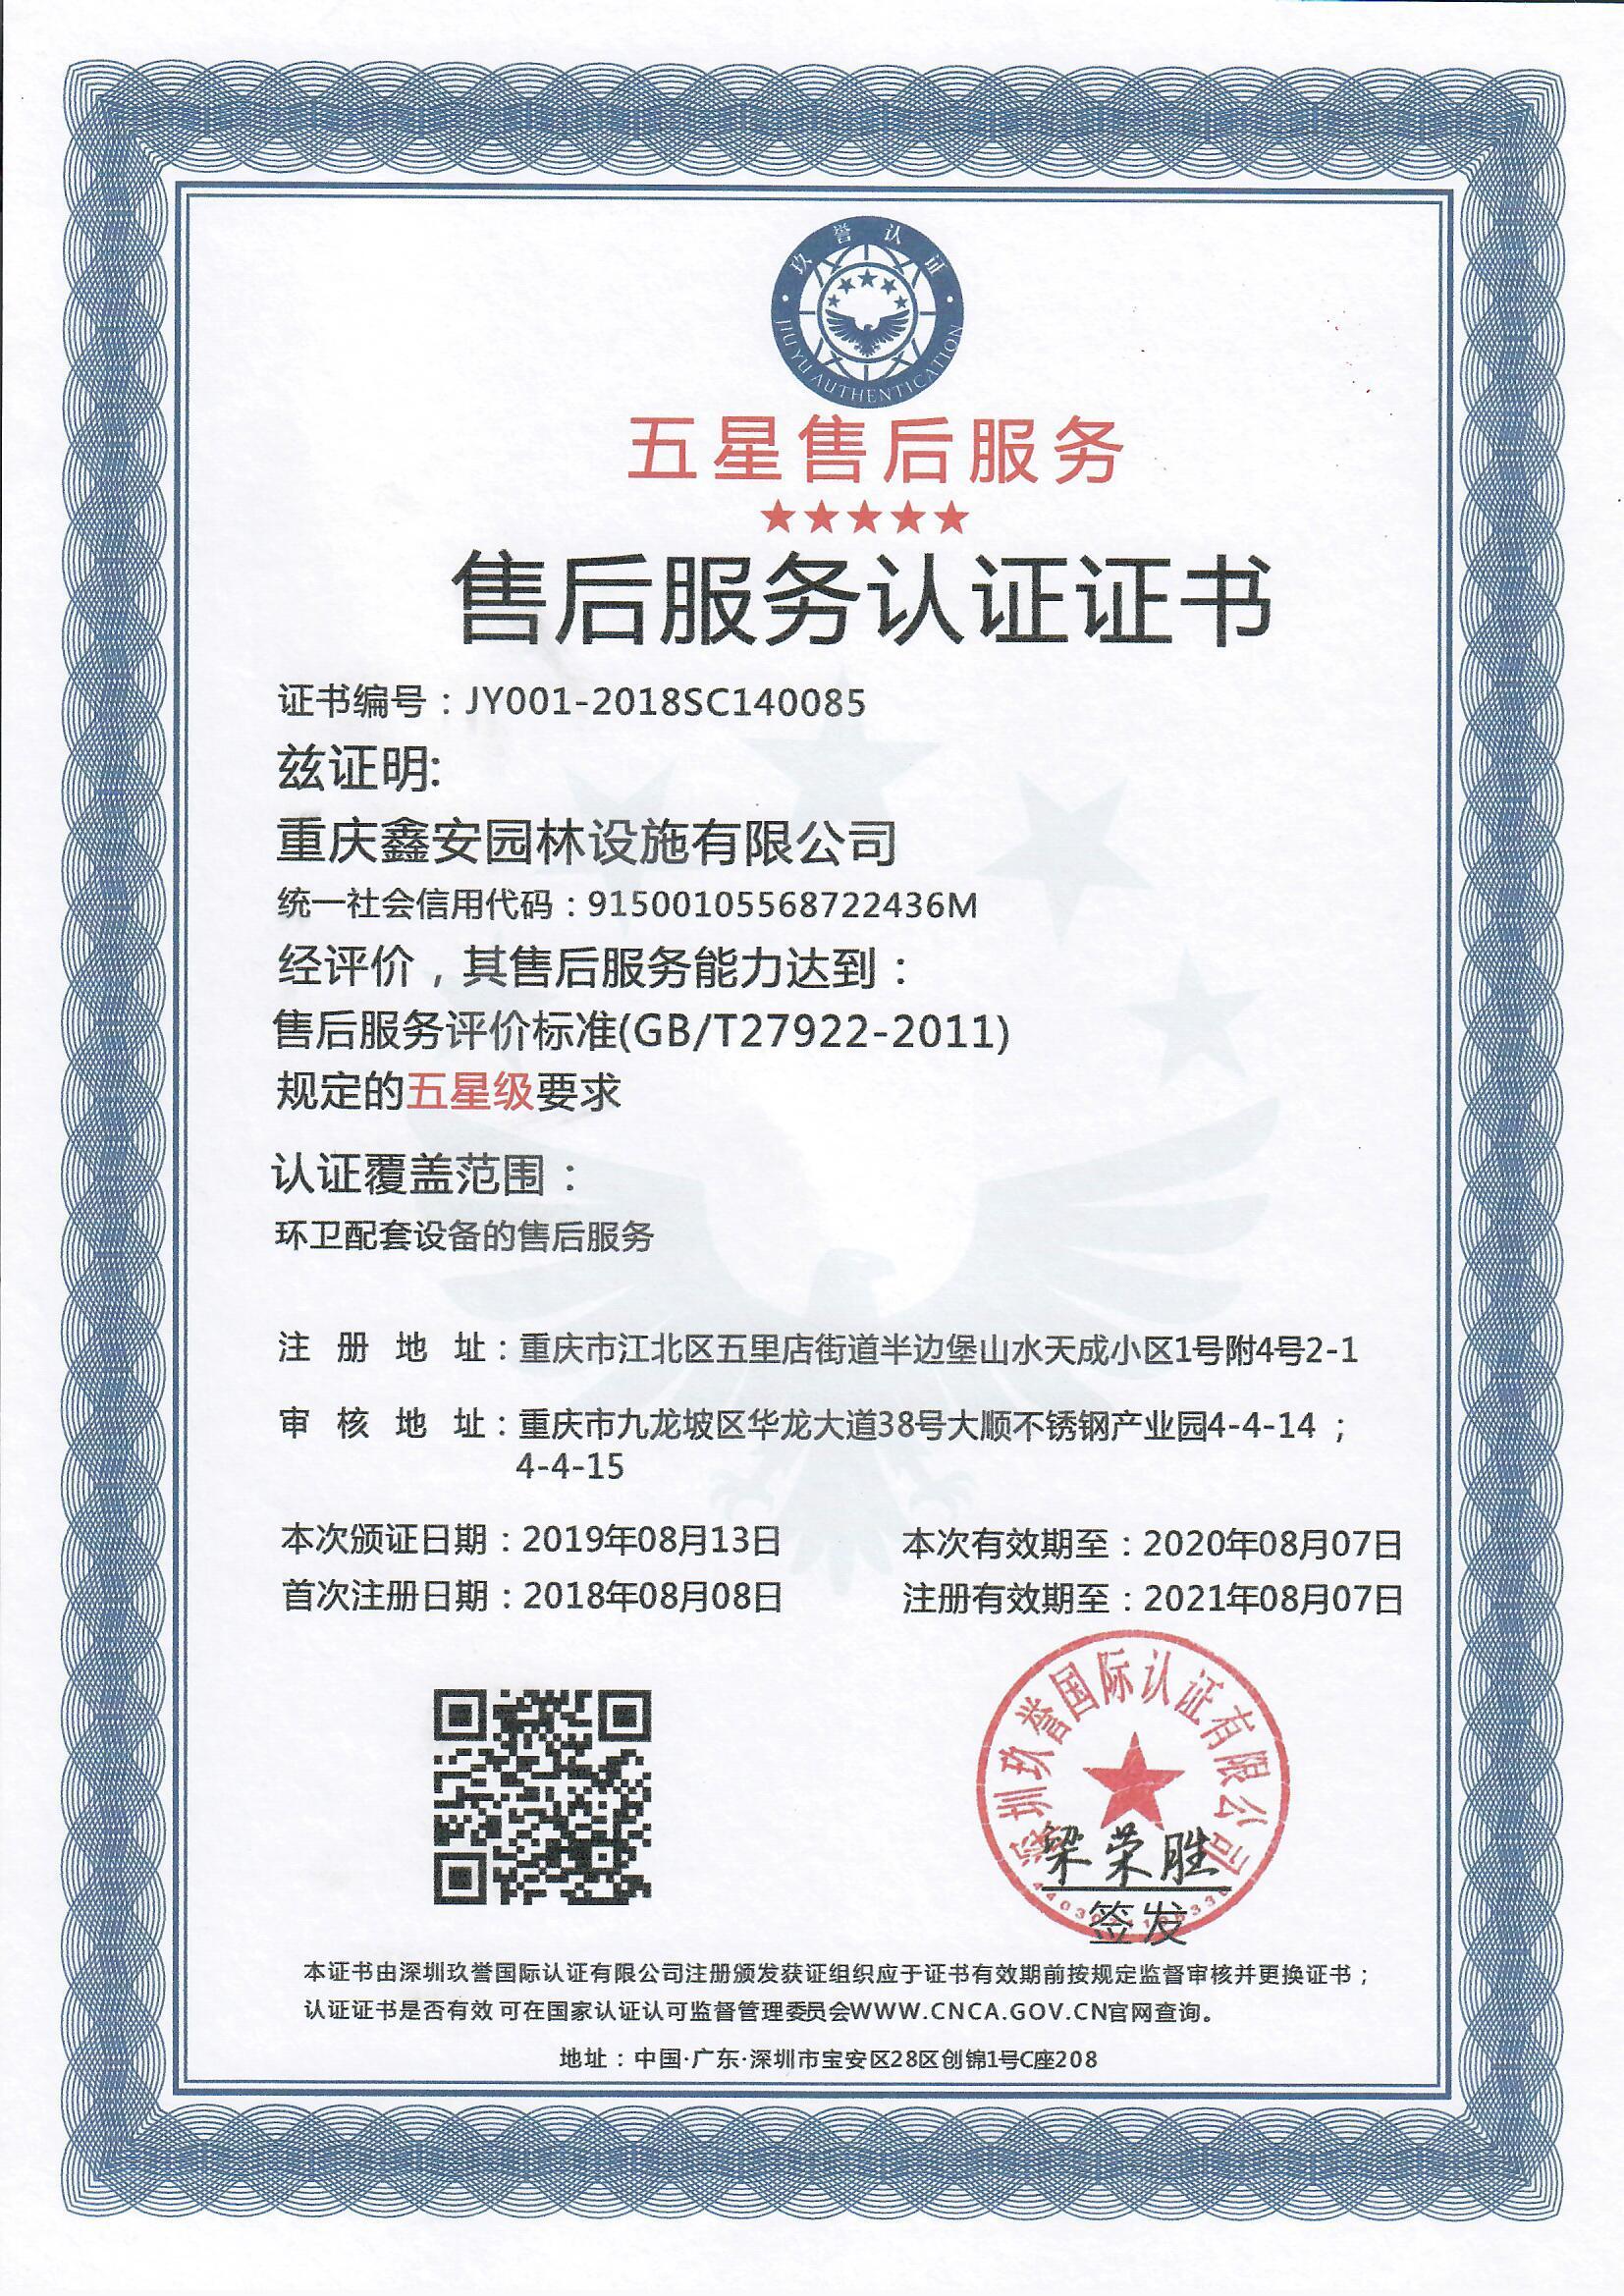 售后服务认证